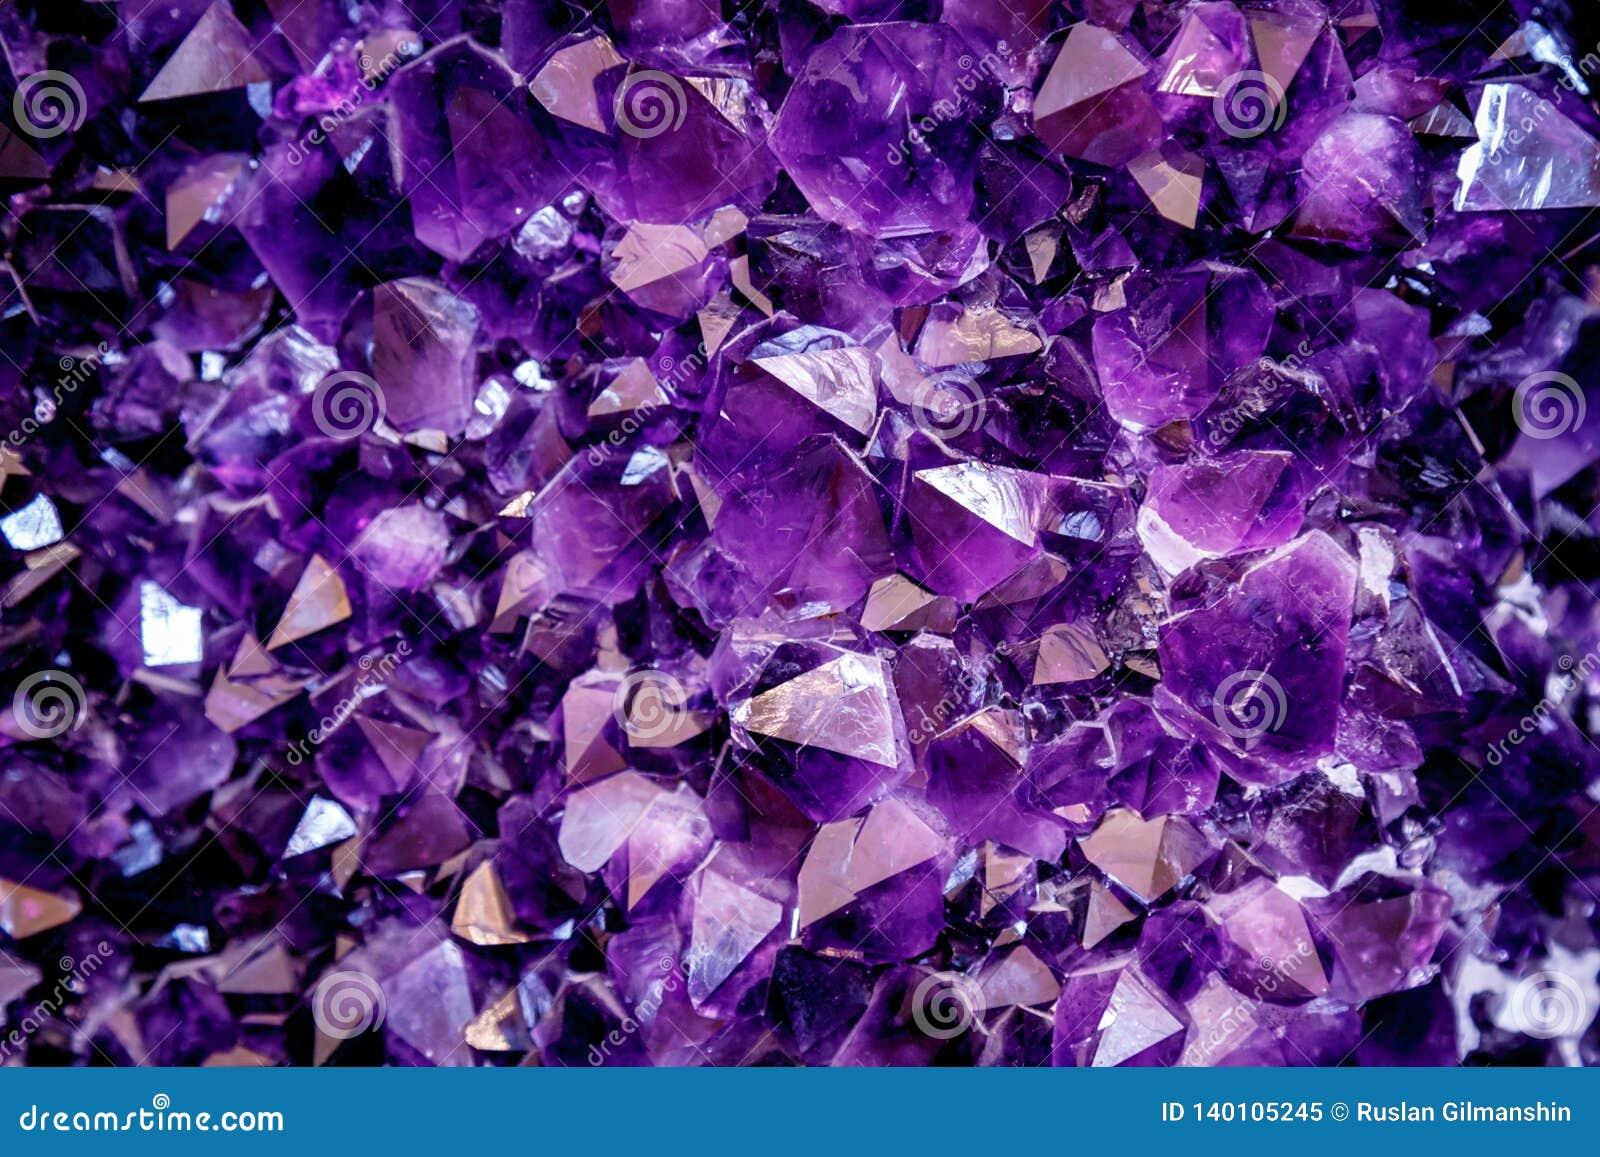 Ametystowy purpurowy kryształ Kopalni kryształy w naturalnym środowisku Tekstura cenny i semiprecious gemstone